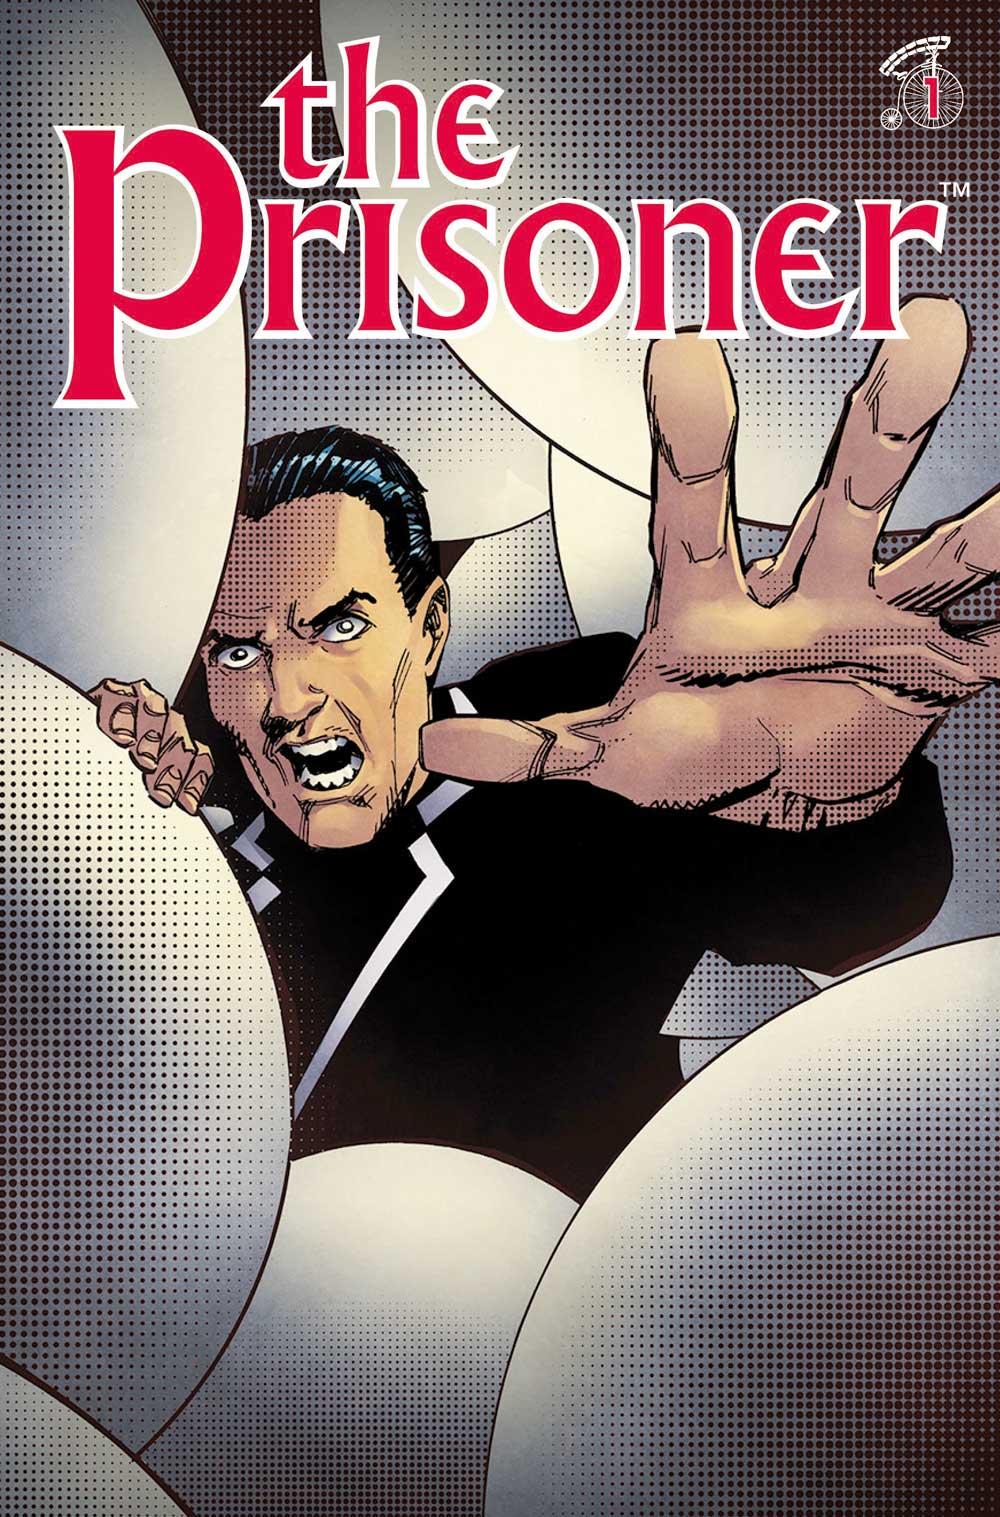 The Prisoner Issue 1 Cover E John McCrea.jpg